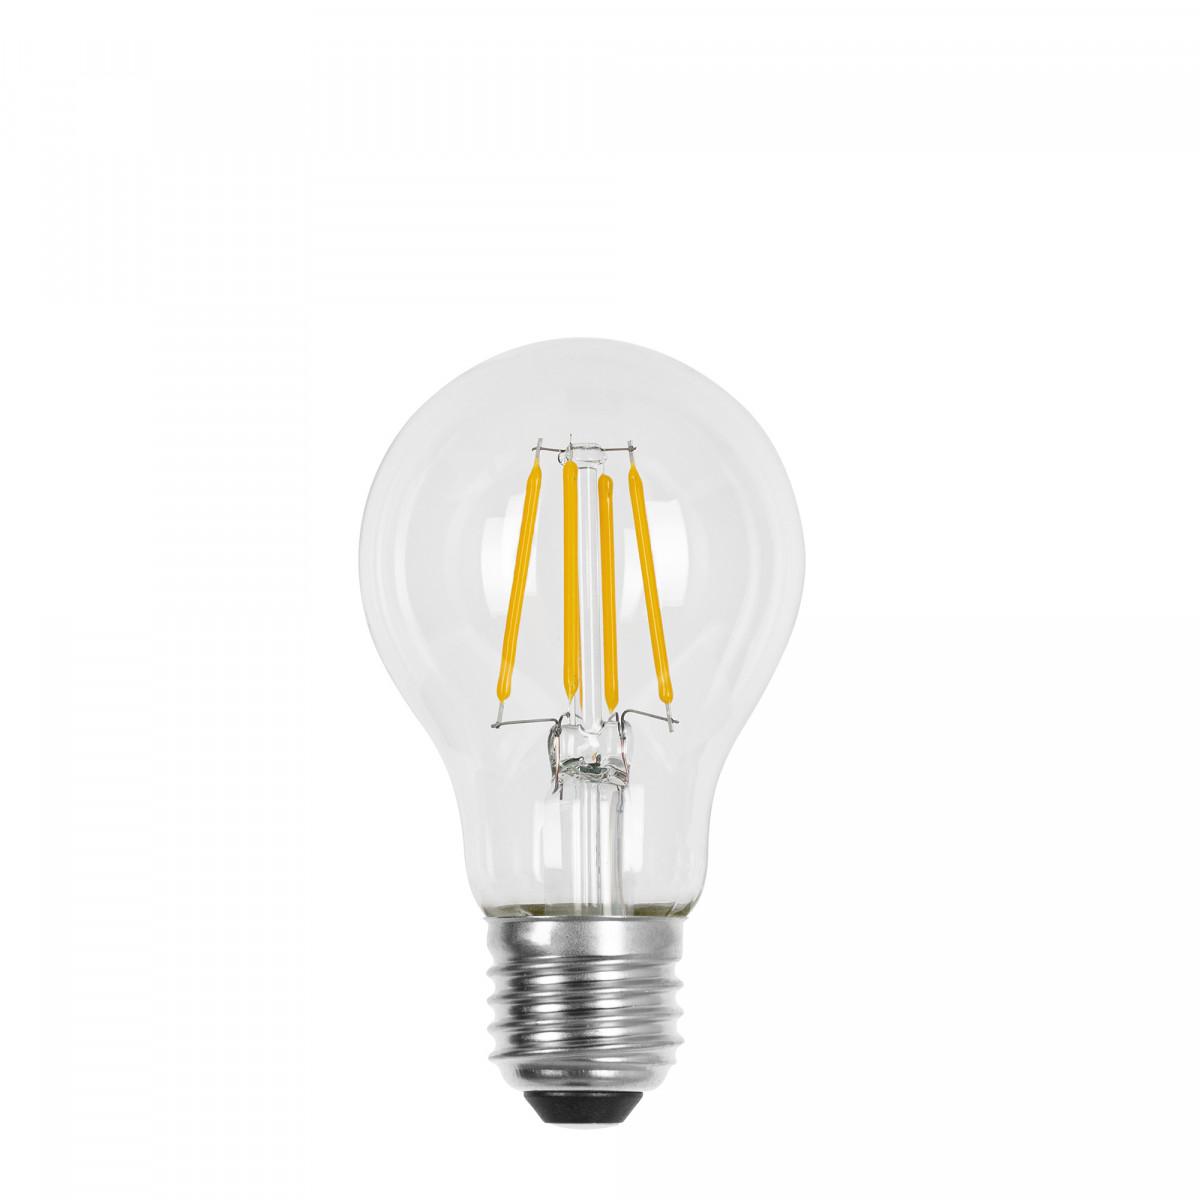 LED Leuchtmittel mit Dämmerungssensor